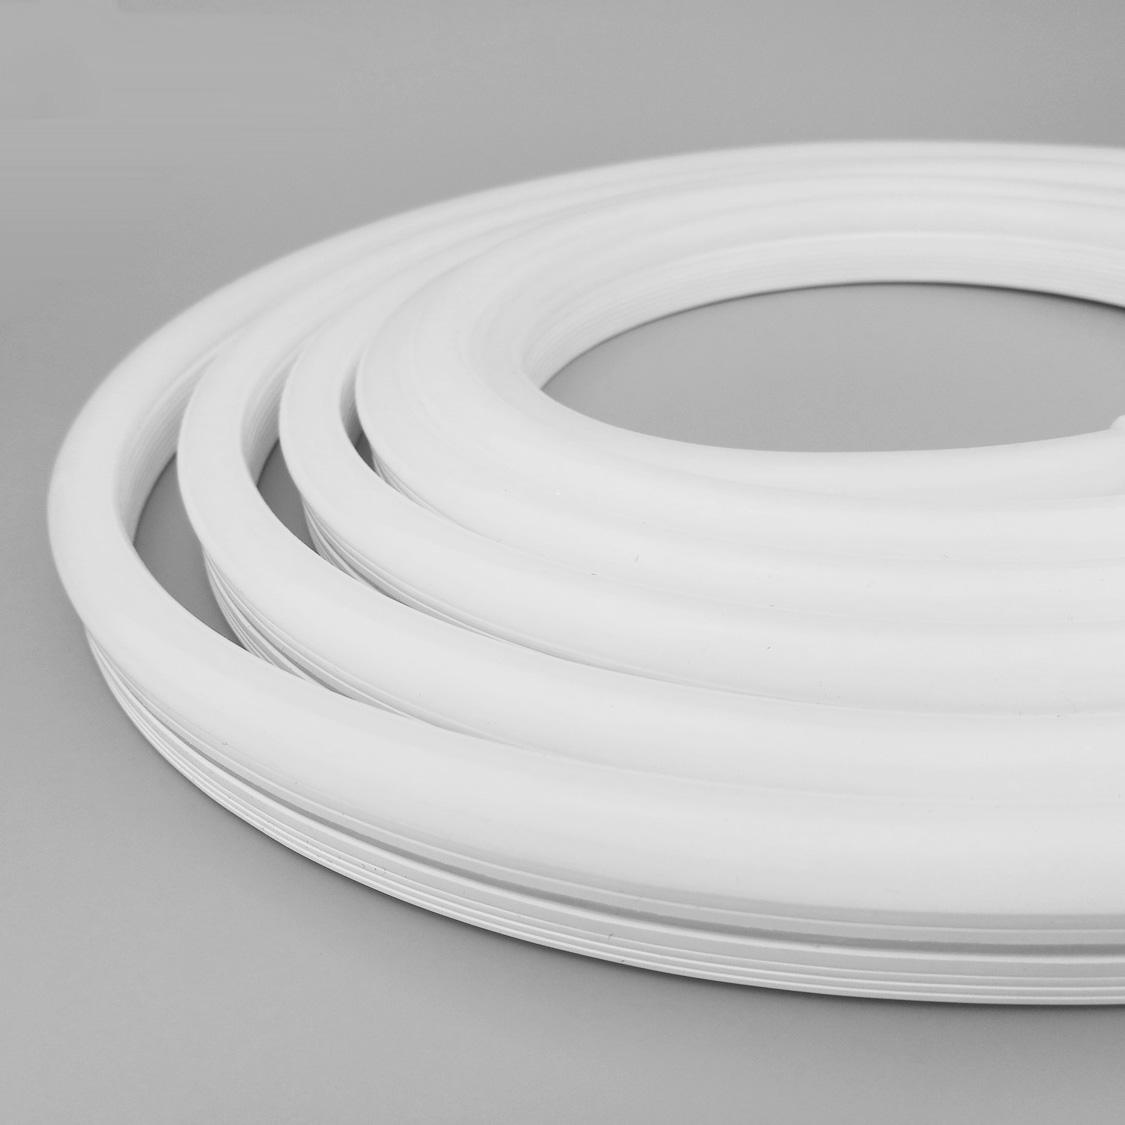 Flexible Dotless Flexible LED Neon Strip Lights LG10S1023_5